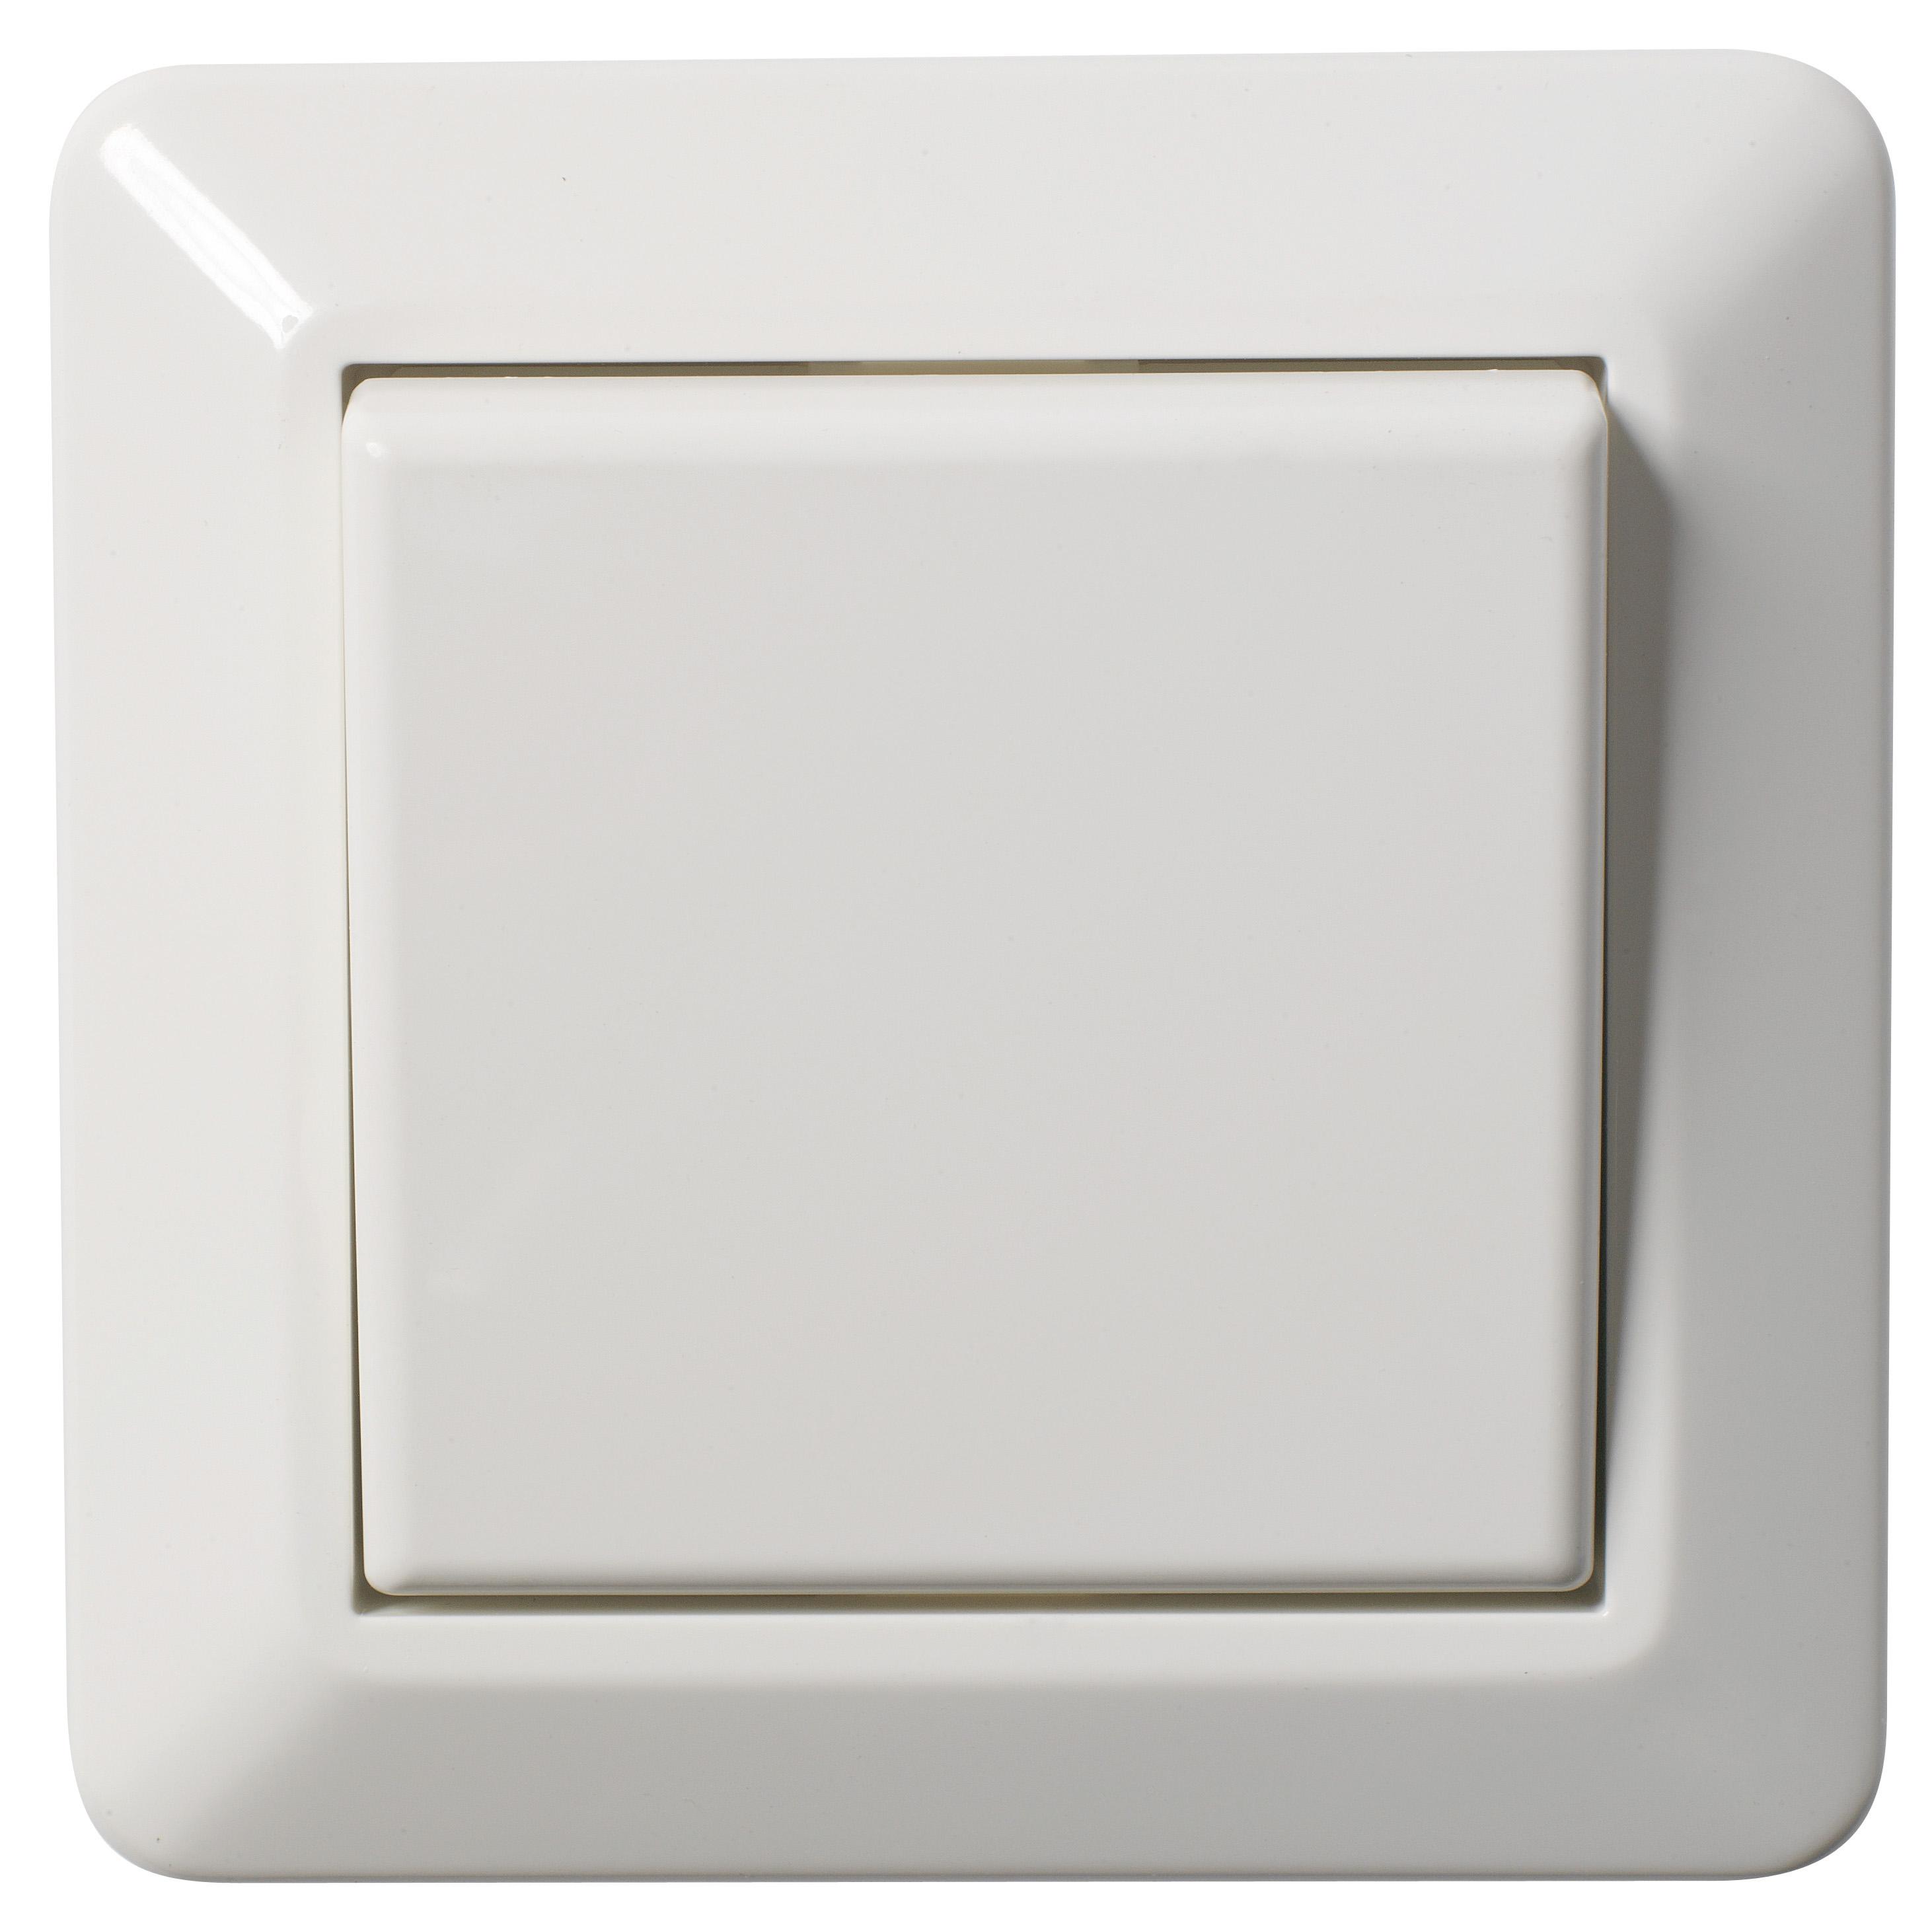 Bytte deksel på lysbryter